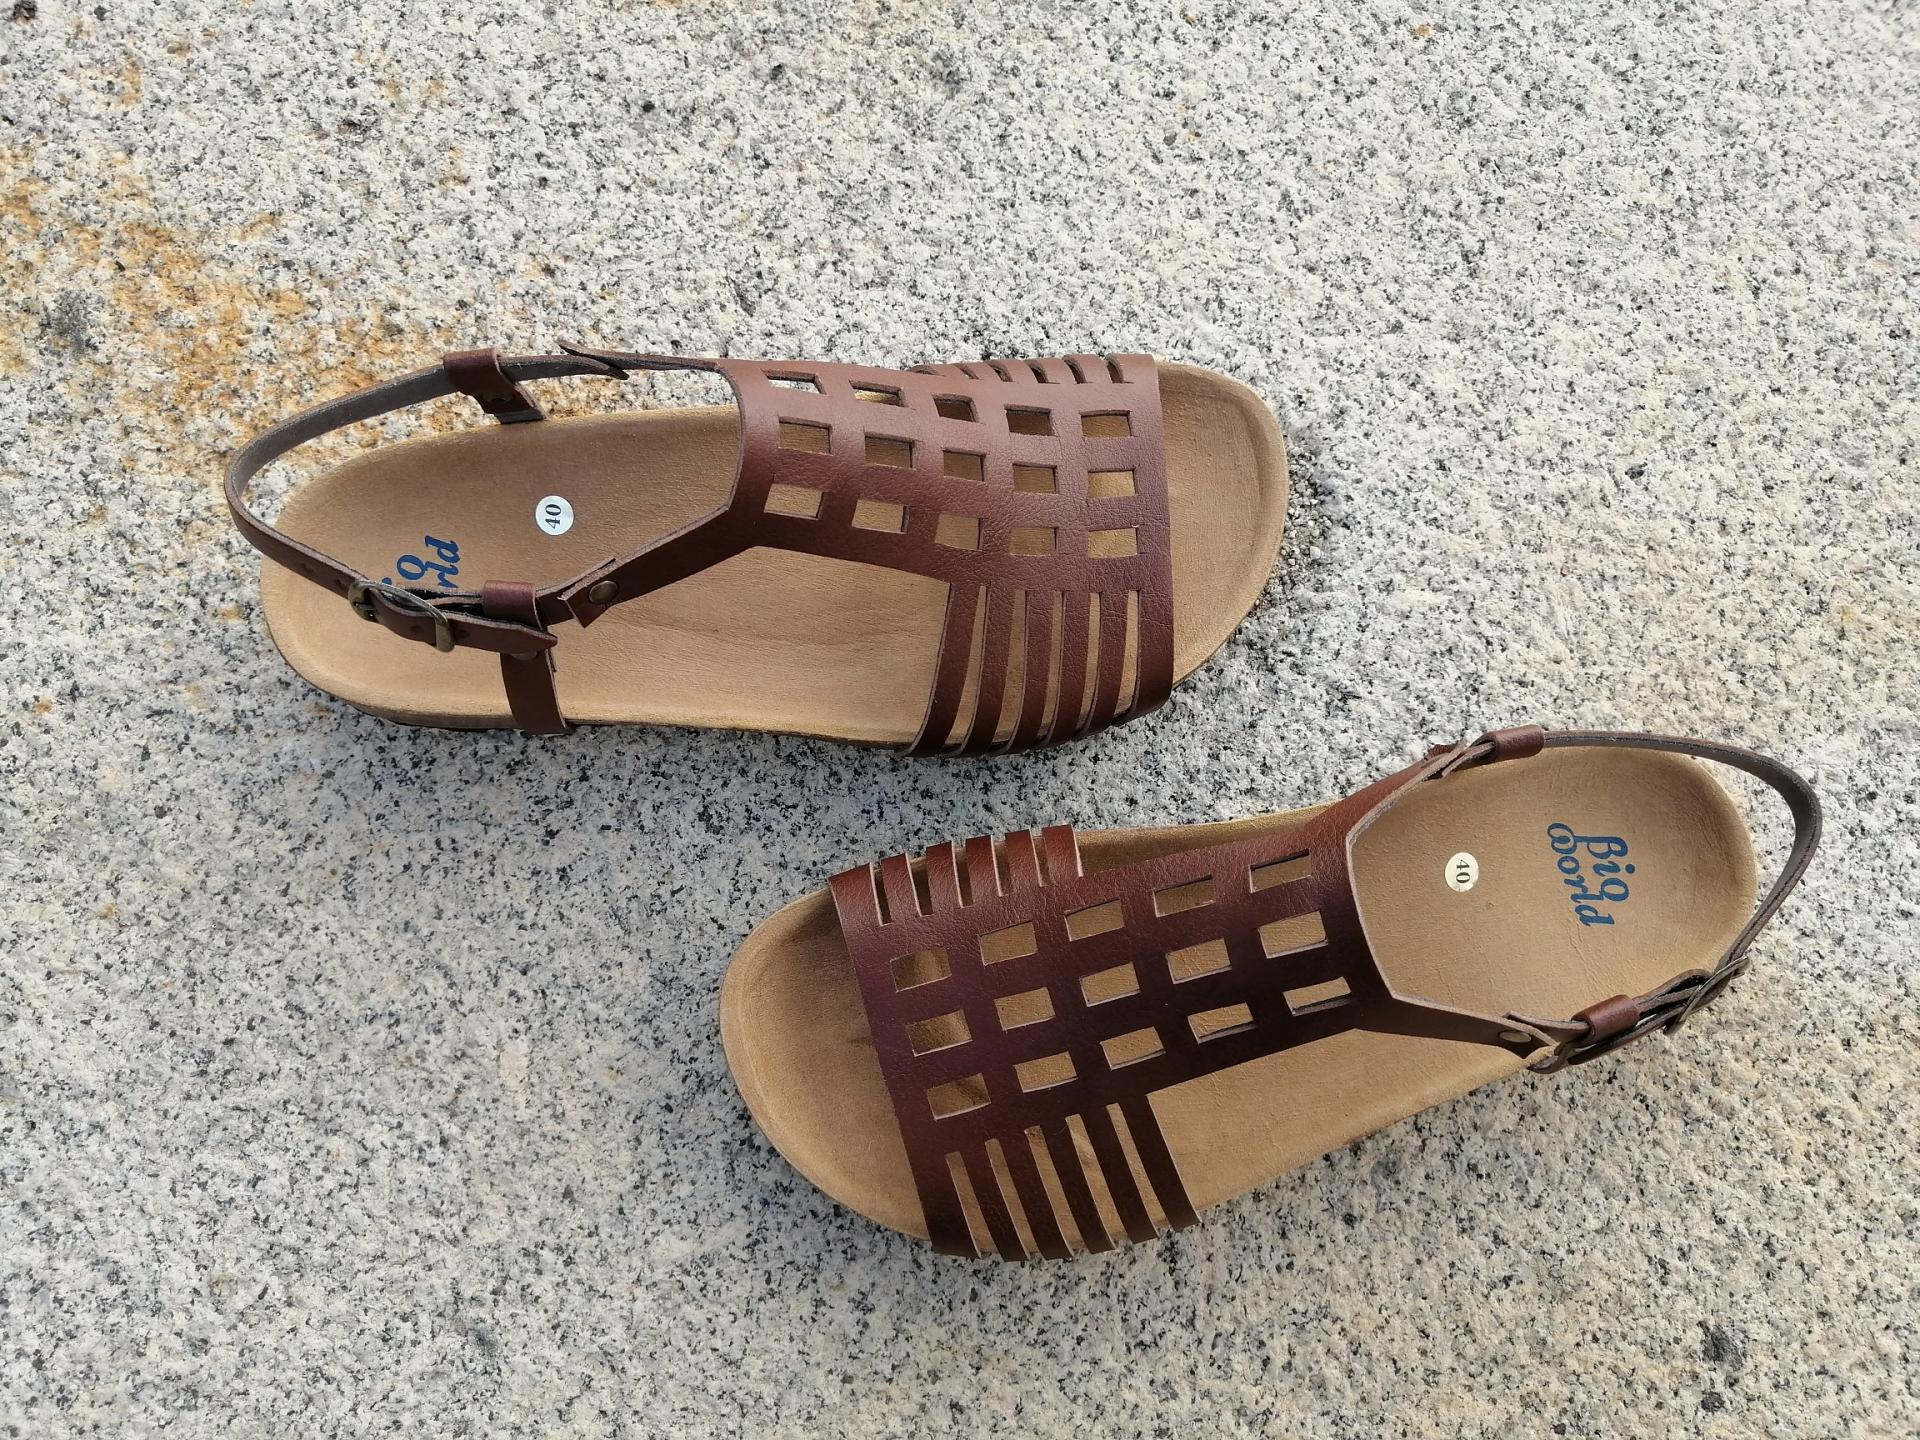 ECKHART marrón, Colección 100% HECHO A MANO, sandalias veganas, sandalias veganas mujer, calzado vegano, sandalias de tacón bajo, sandalias bioworld, vegan shoes.